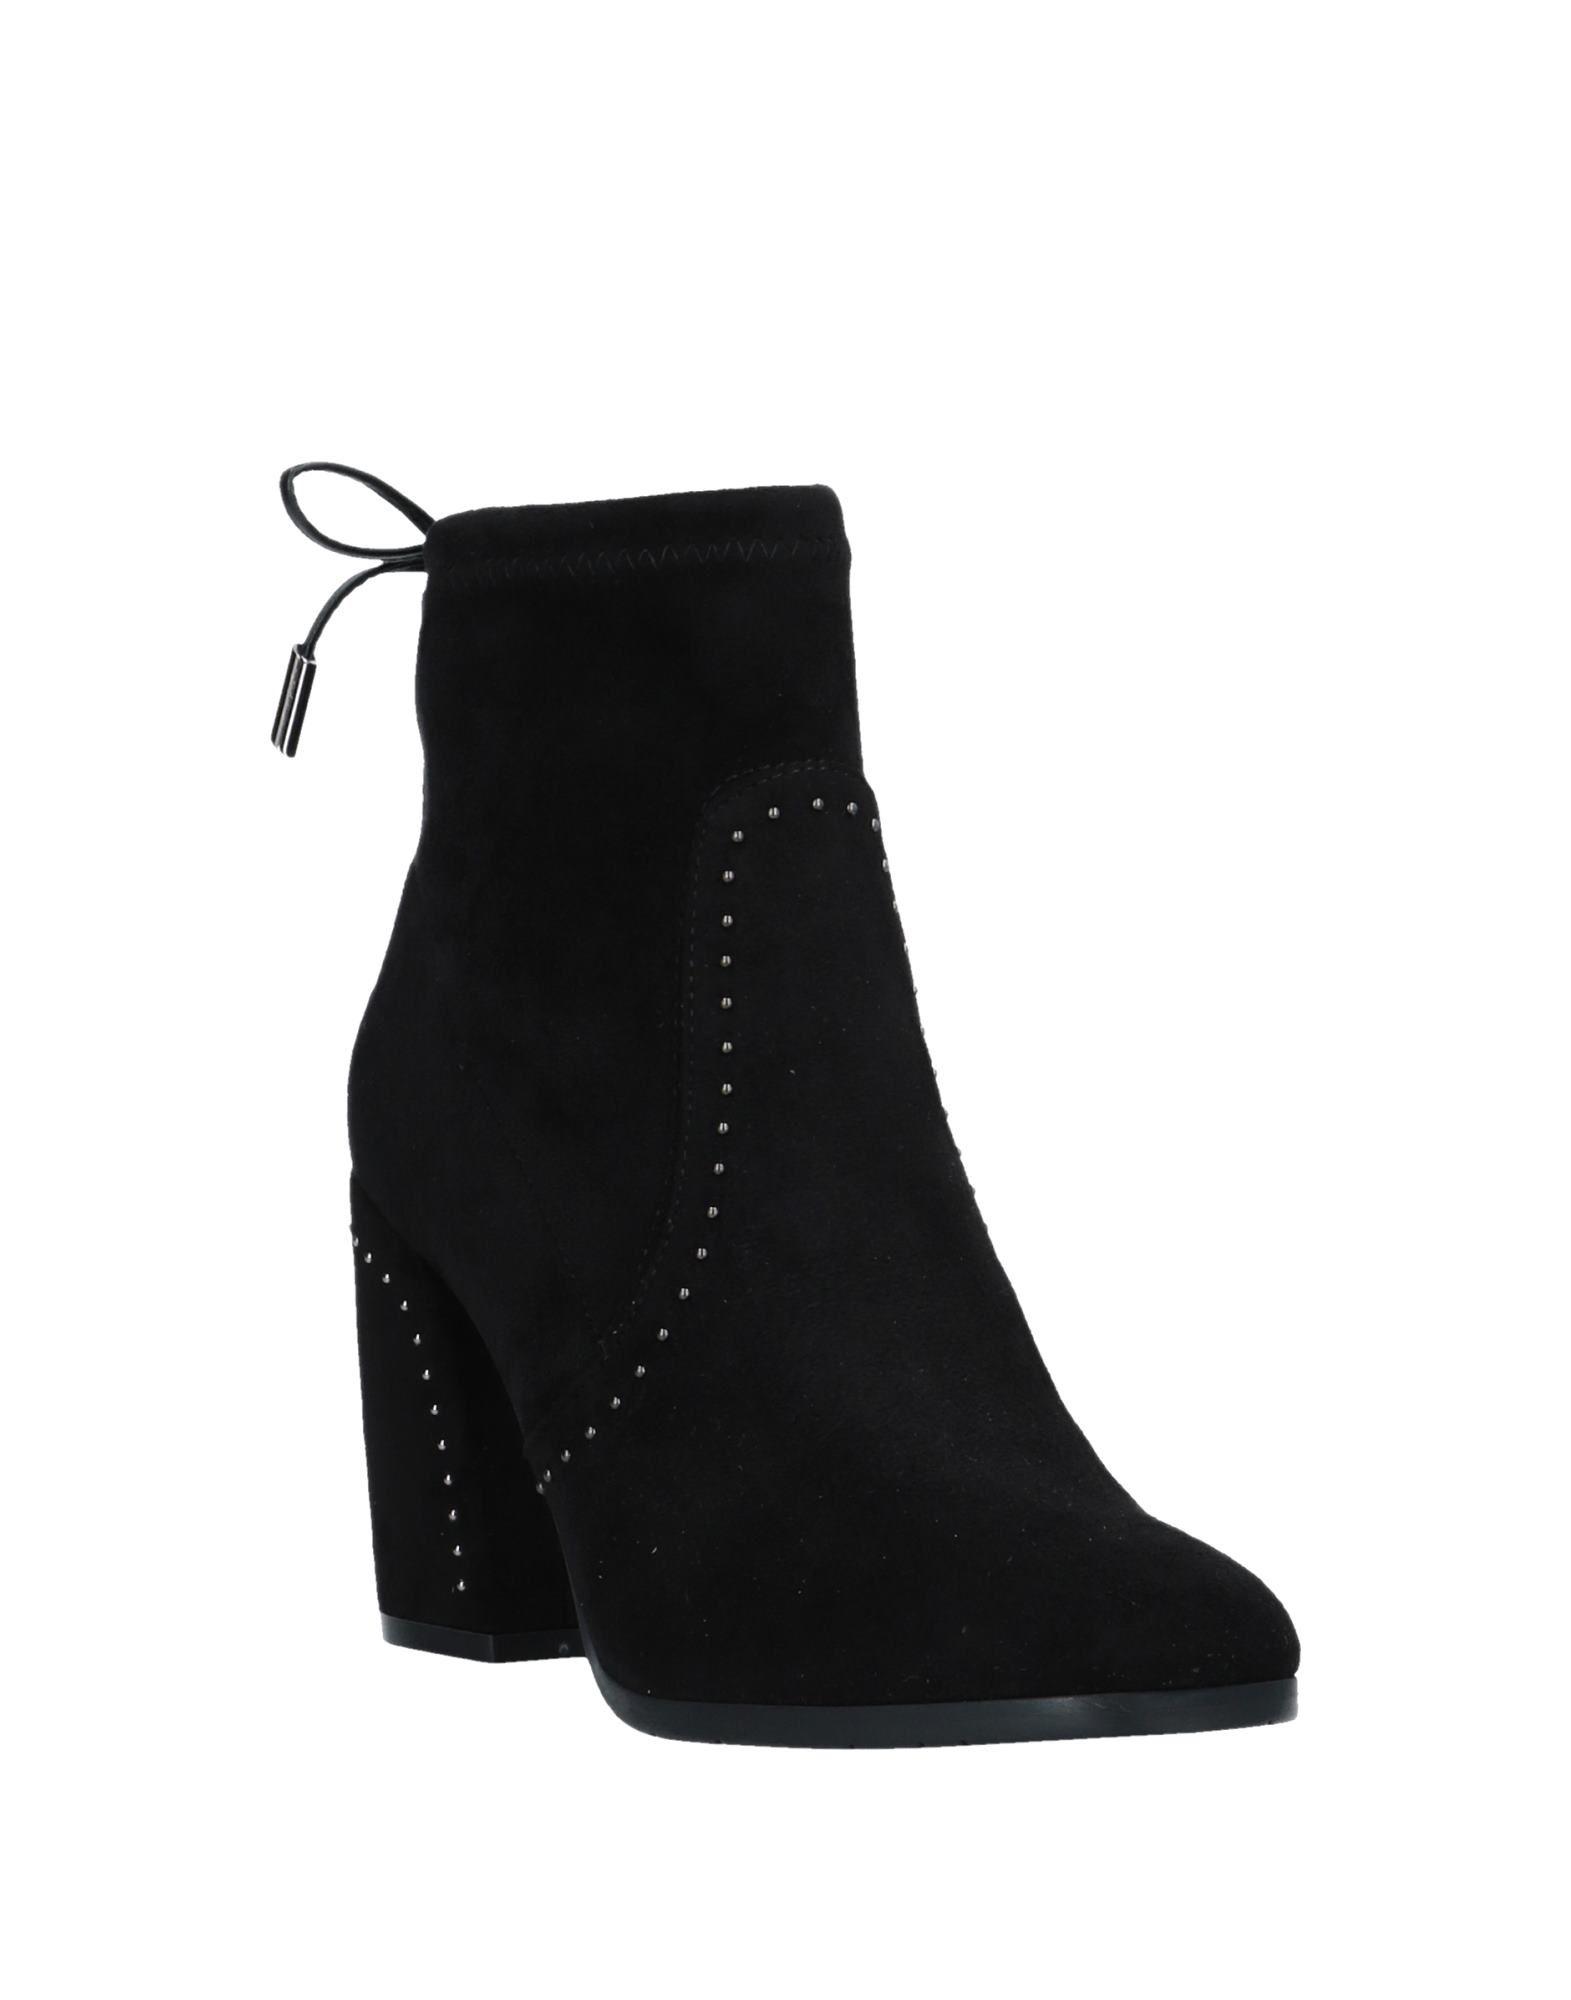 Eglantine Stiefelette Damen beliebte  11519309GK Gute Qualität beliebte Damen Schuhe 5bc2b0